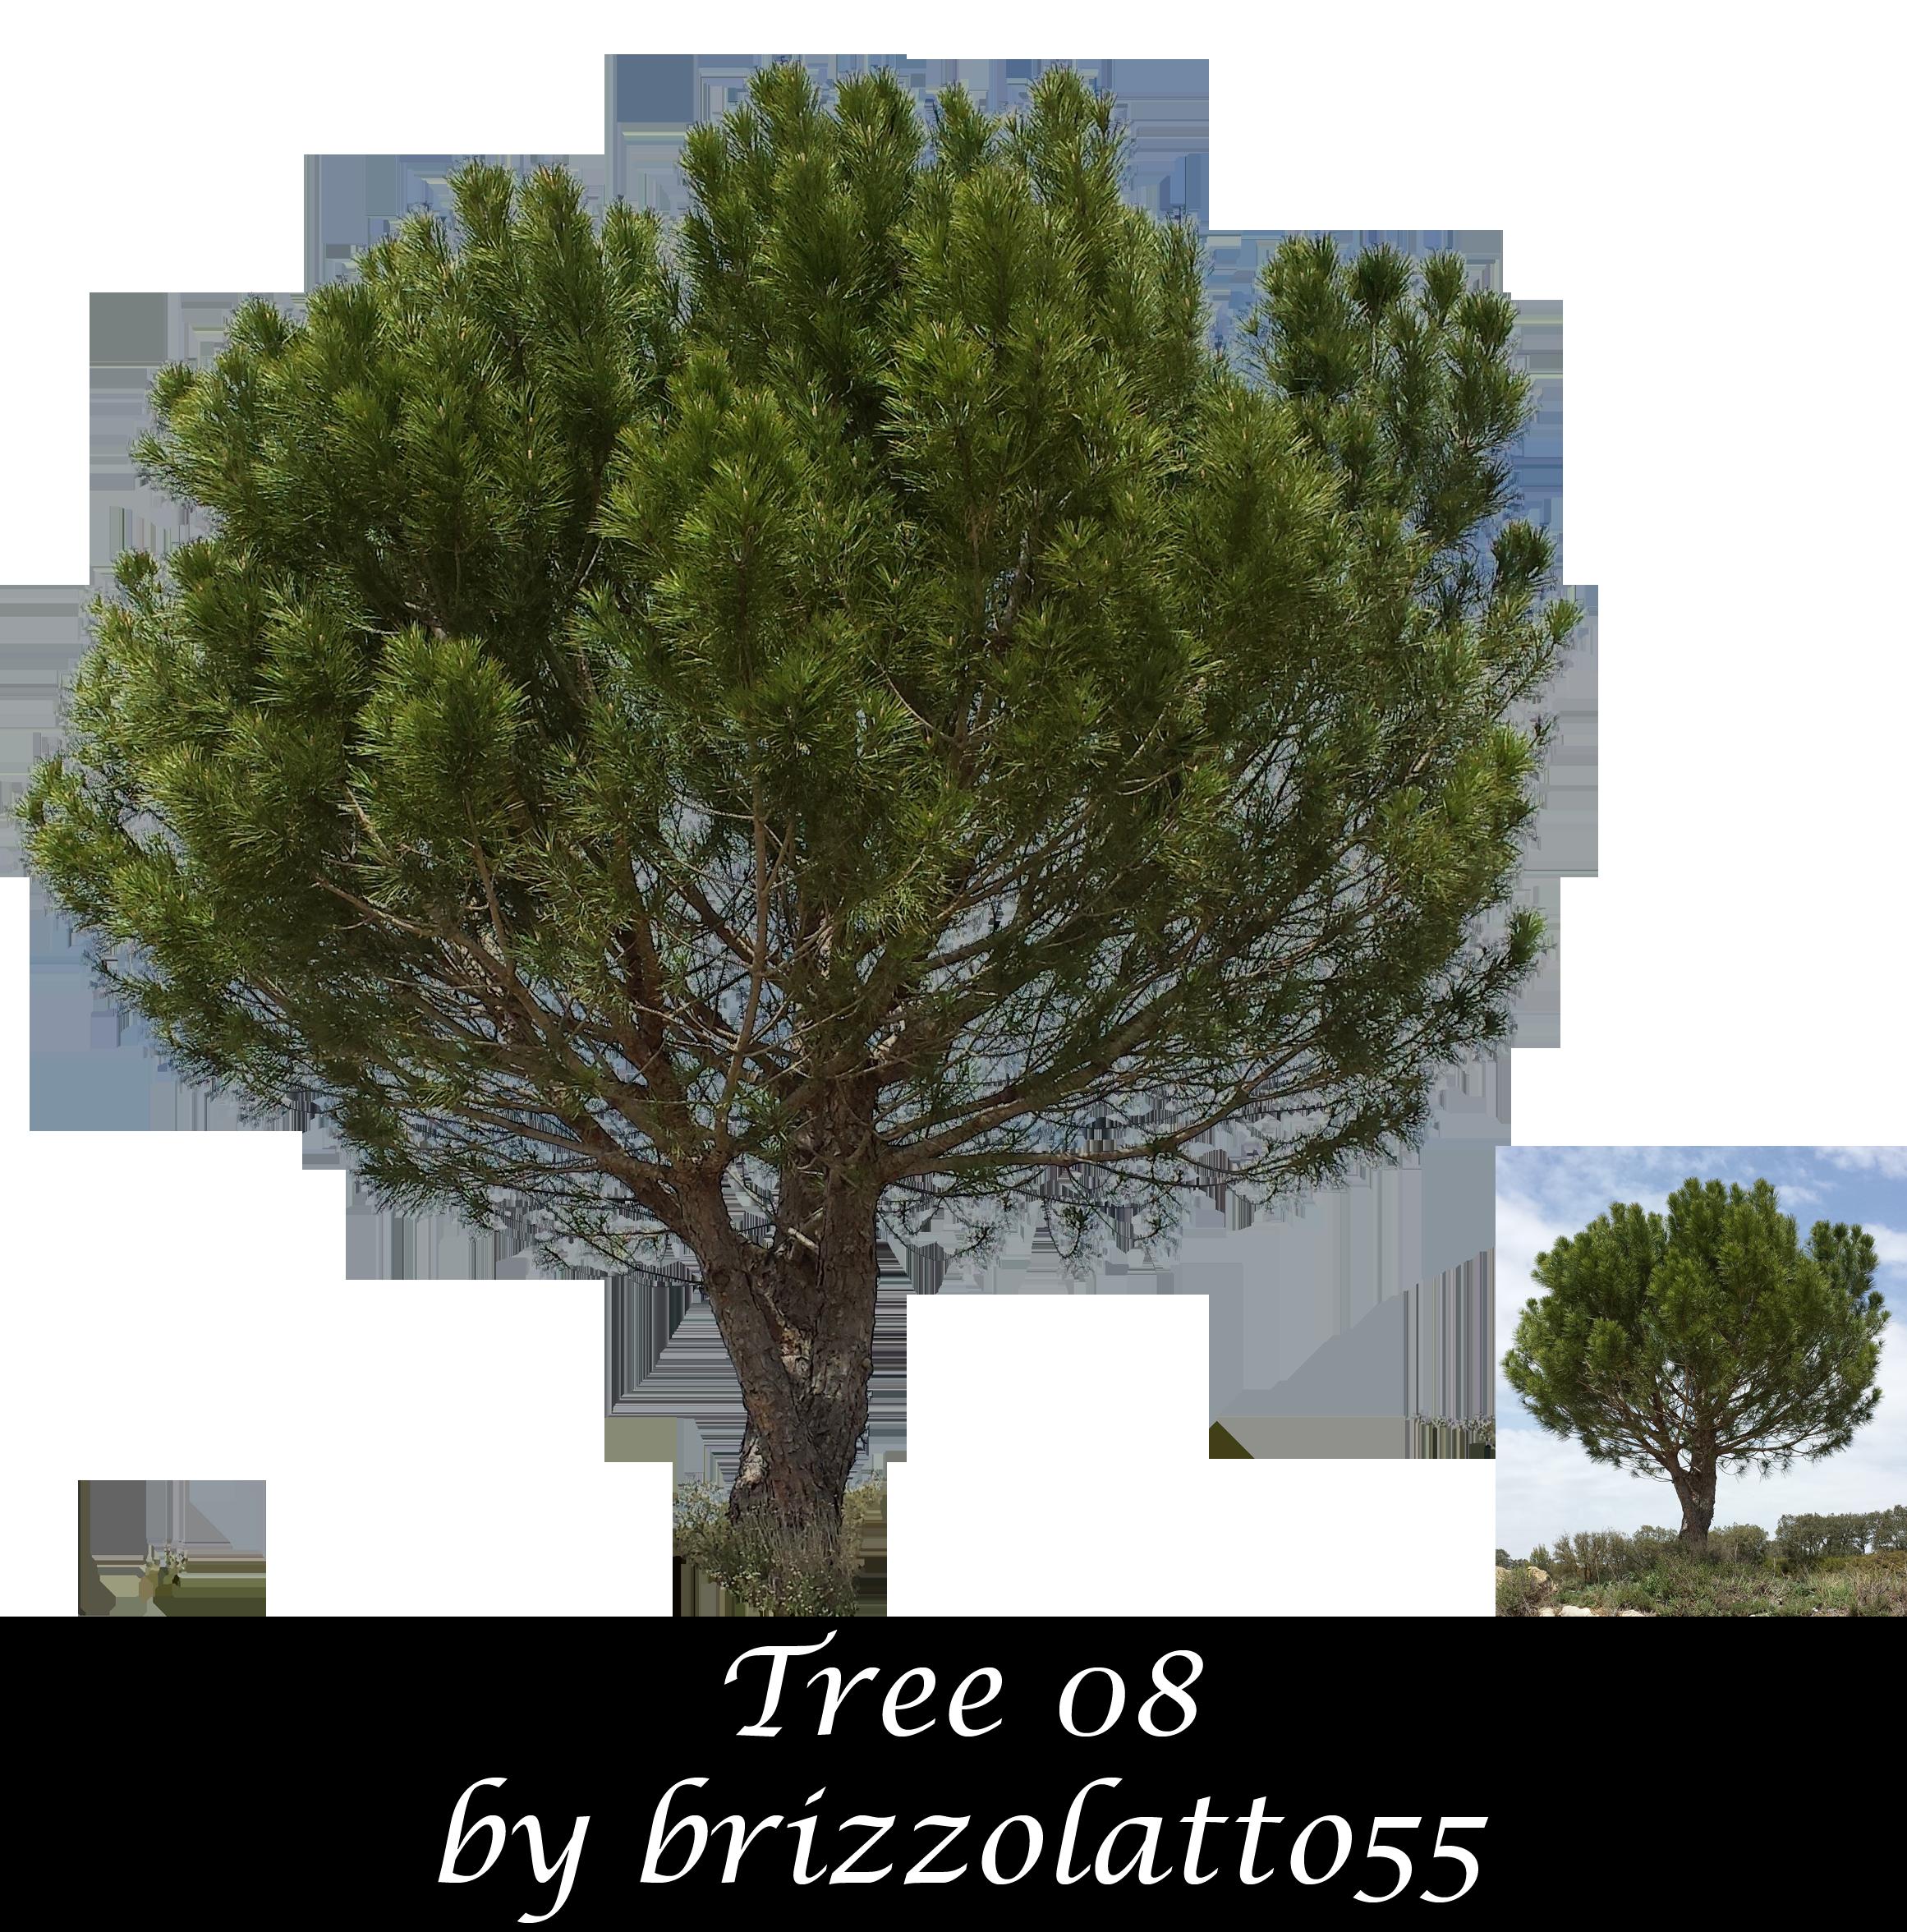 Tree 08 by Brizzolatto55